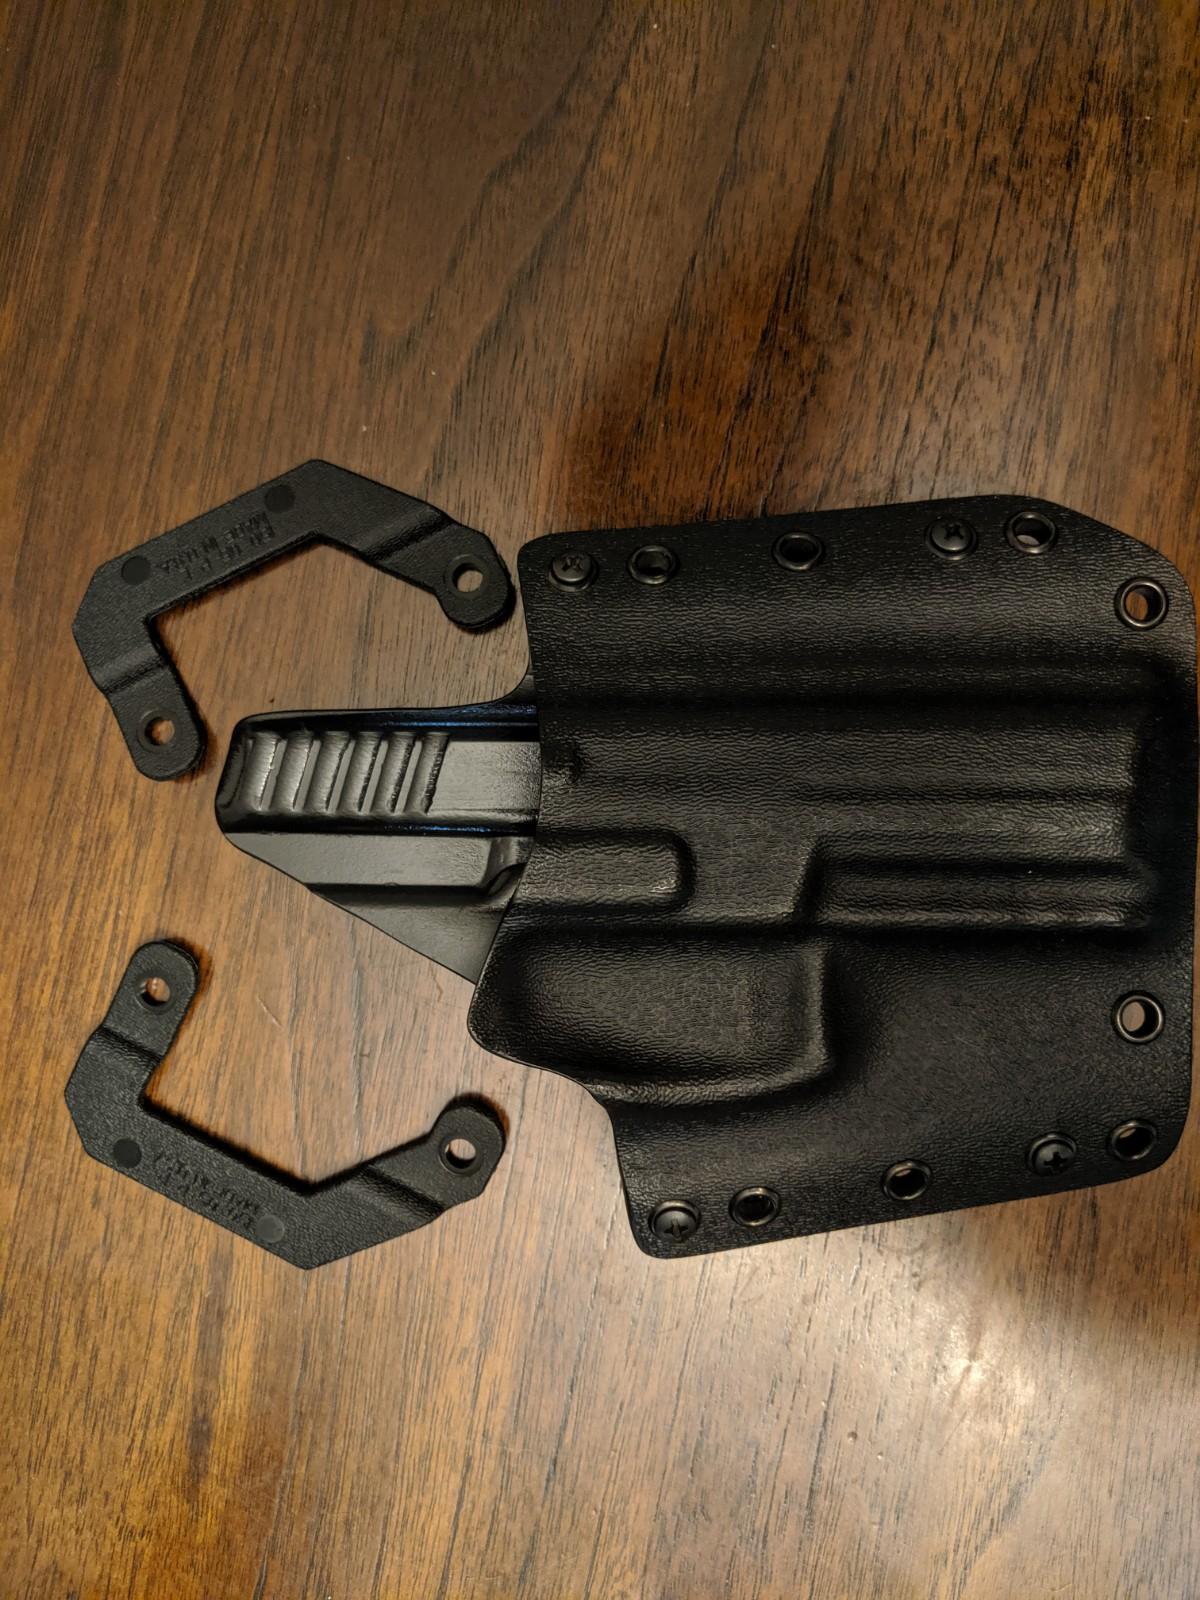 WTS various VP9, PSP, HK45 holsters-img_20190628_184231.jpg